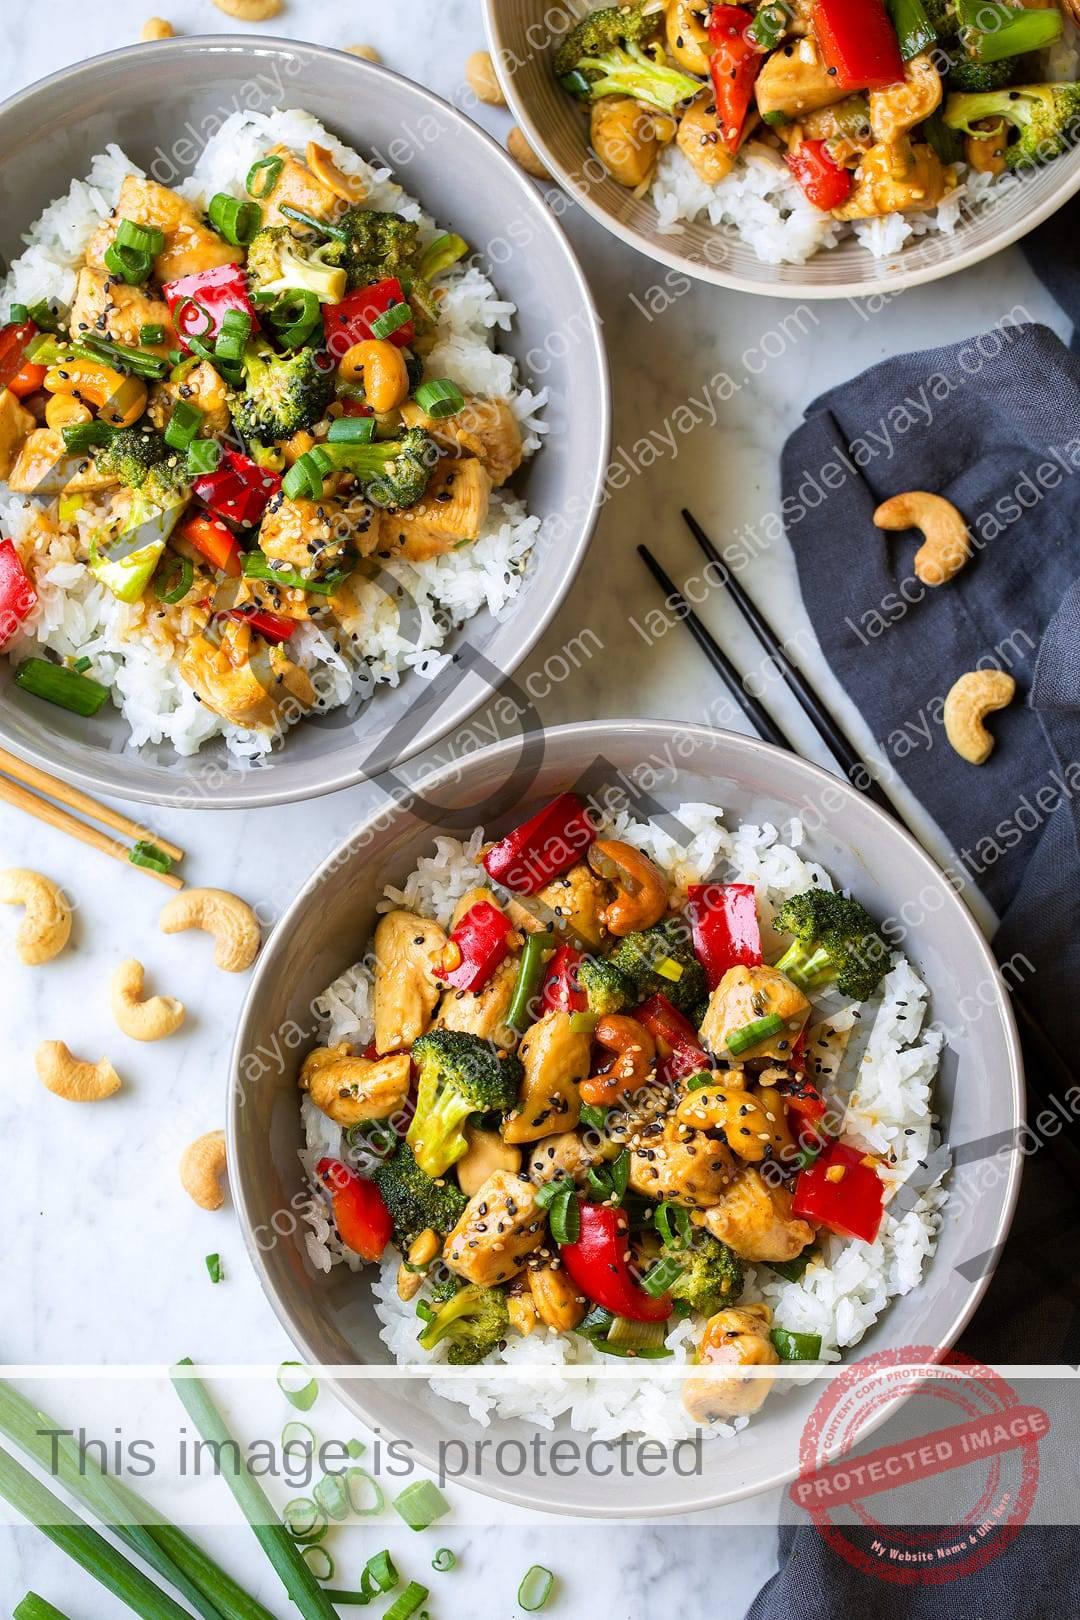 Pollo con anacardos servido en tres cuencos sobre arroz blanco.